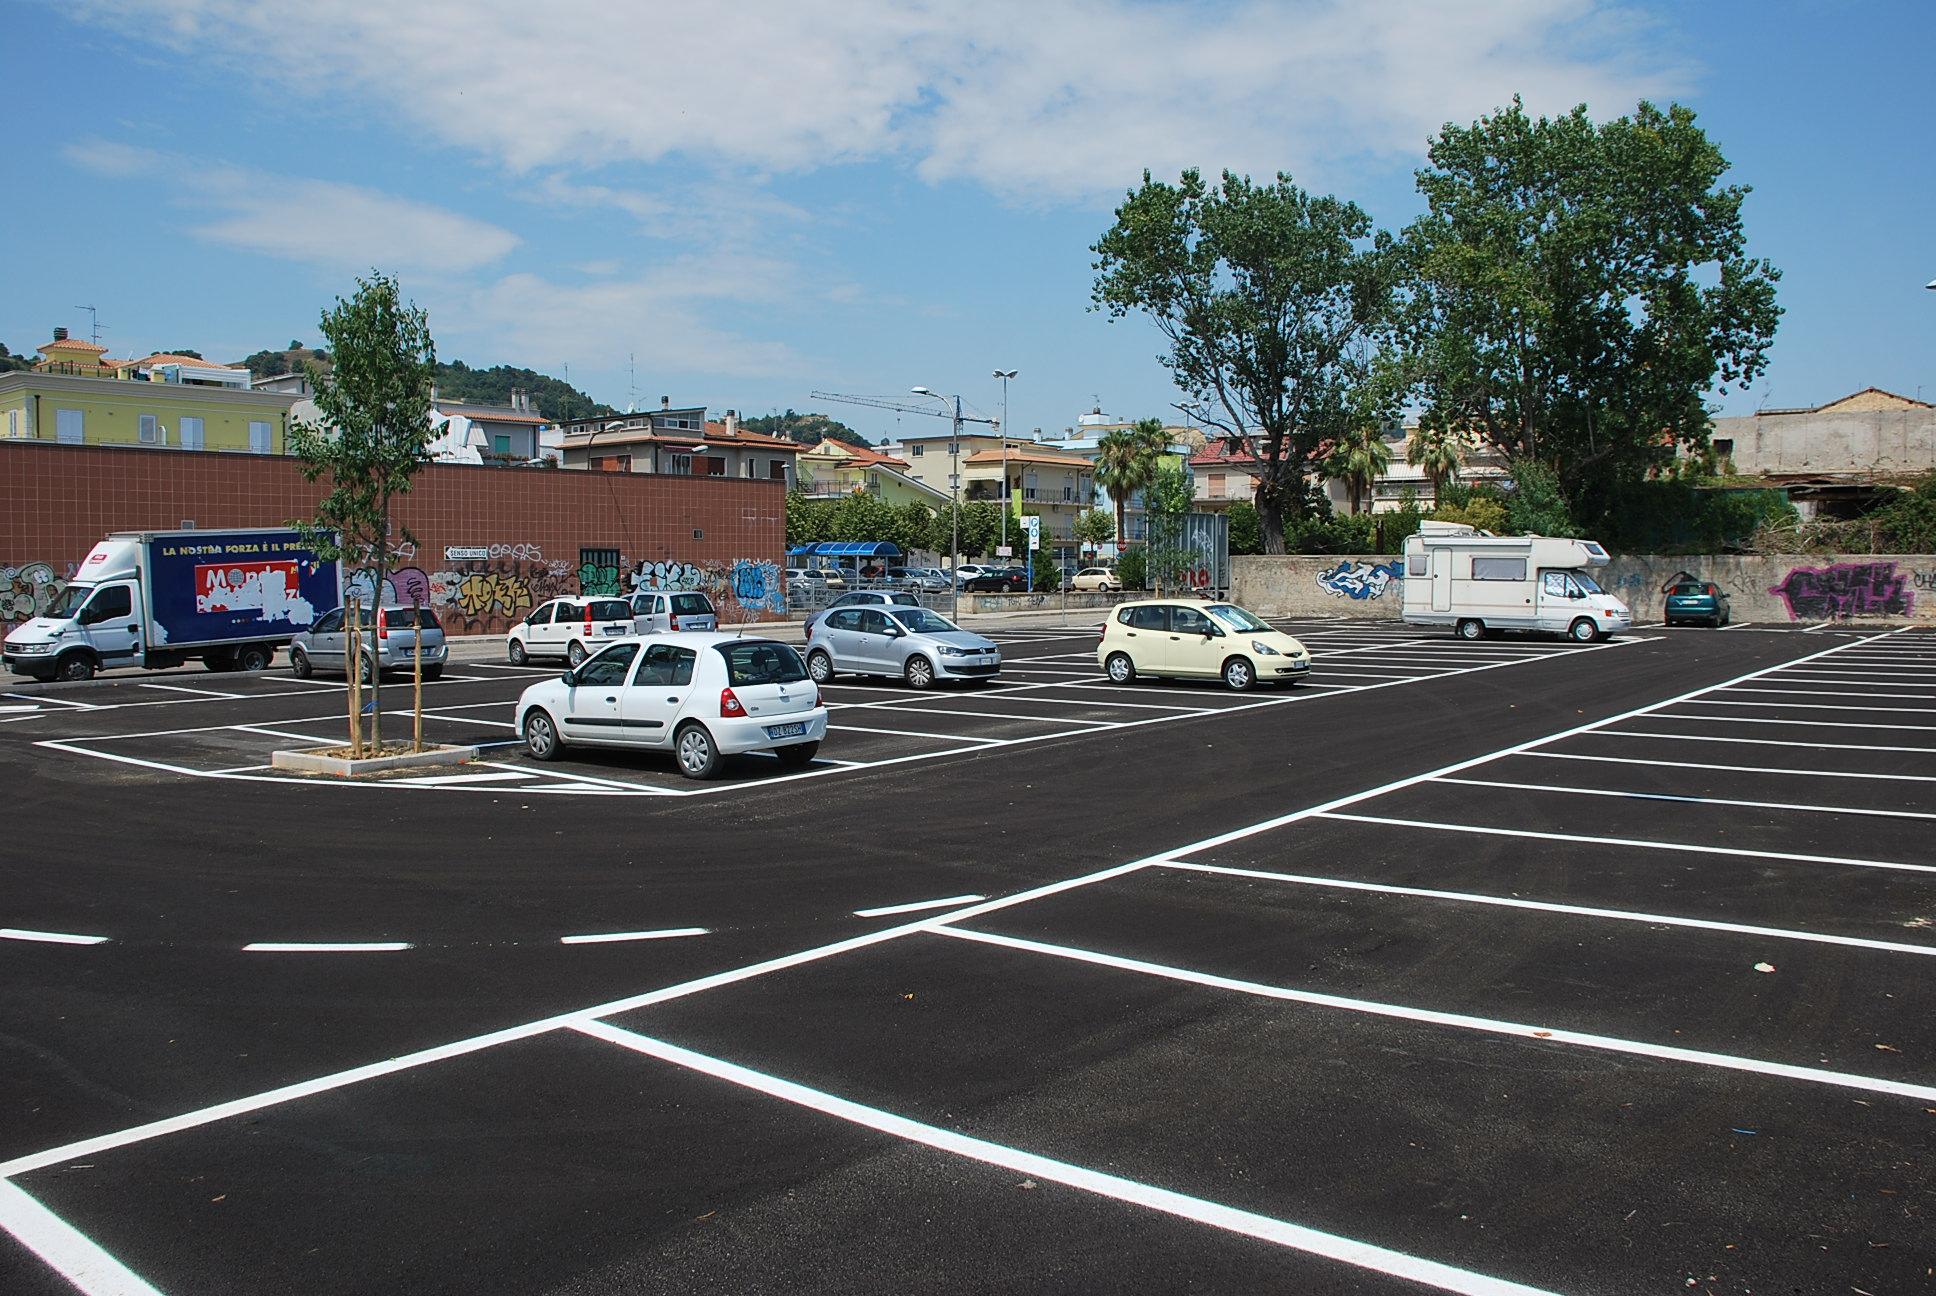 Parcheggi: bloccare un'altra auto corrisponde a reato?